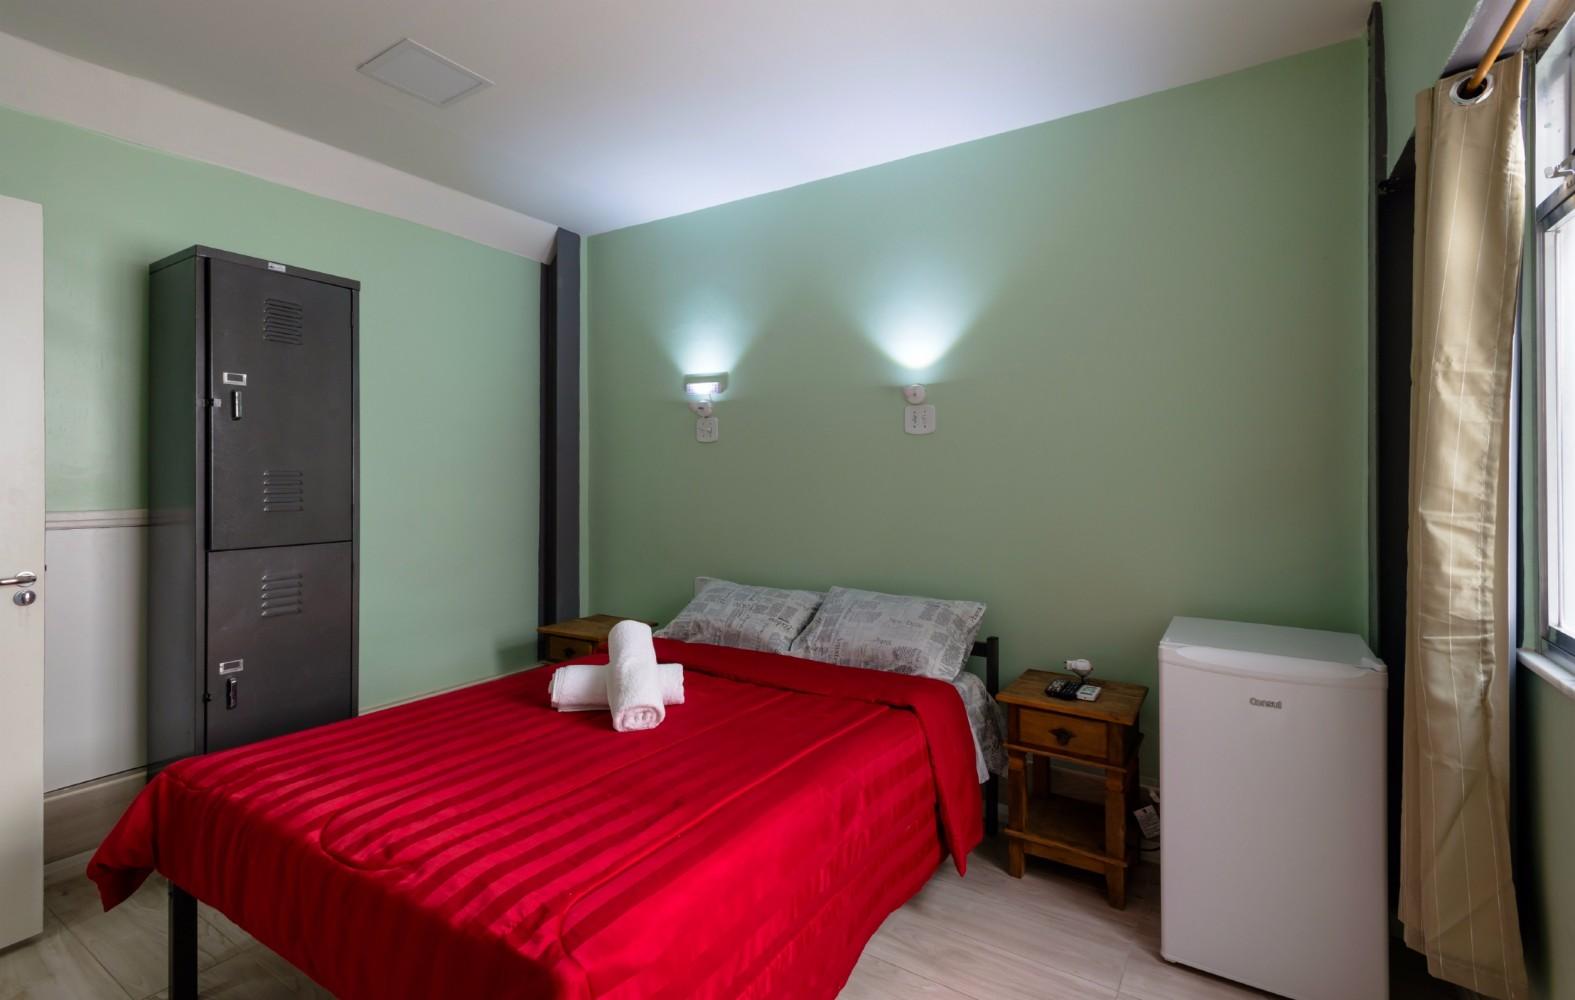 Casa Del Mar Hostel Rio De Janeiro Brasil Best Price Guarantee ~ Sirio Libanes Quarto E Quarto De Menina Verde